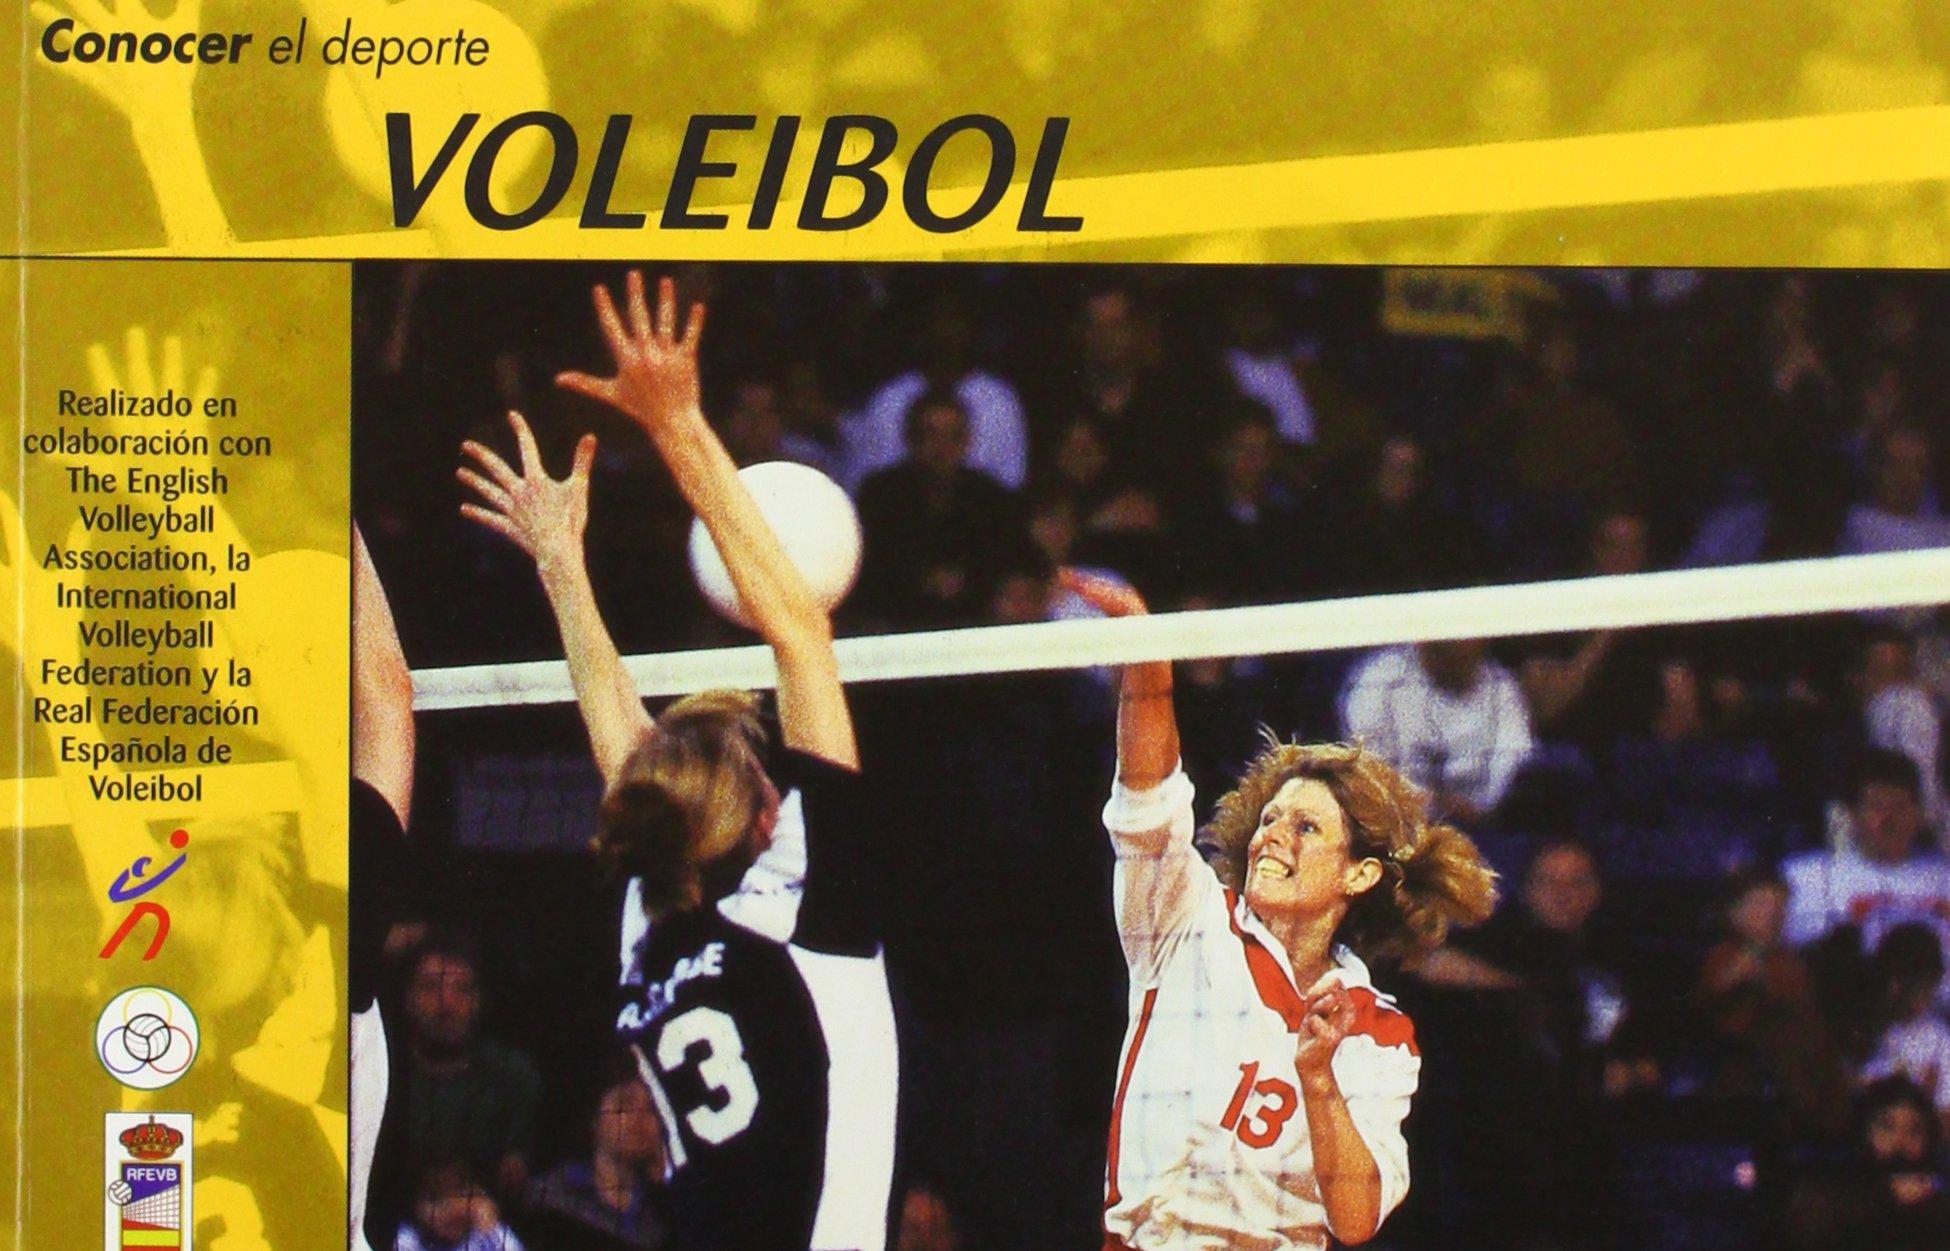 Conocer el Deporte. VOLEIBOL: Amazon.es: International Volleyball Federation Real Federación Española de Voleibol The English Volleyball Association: Libros